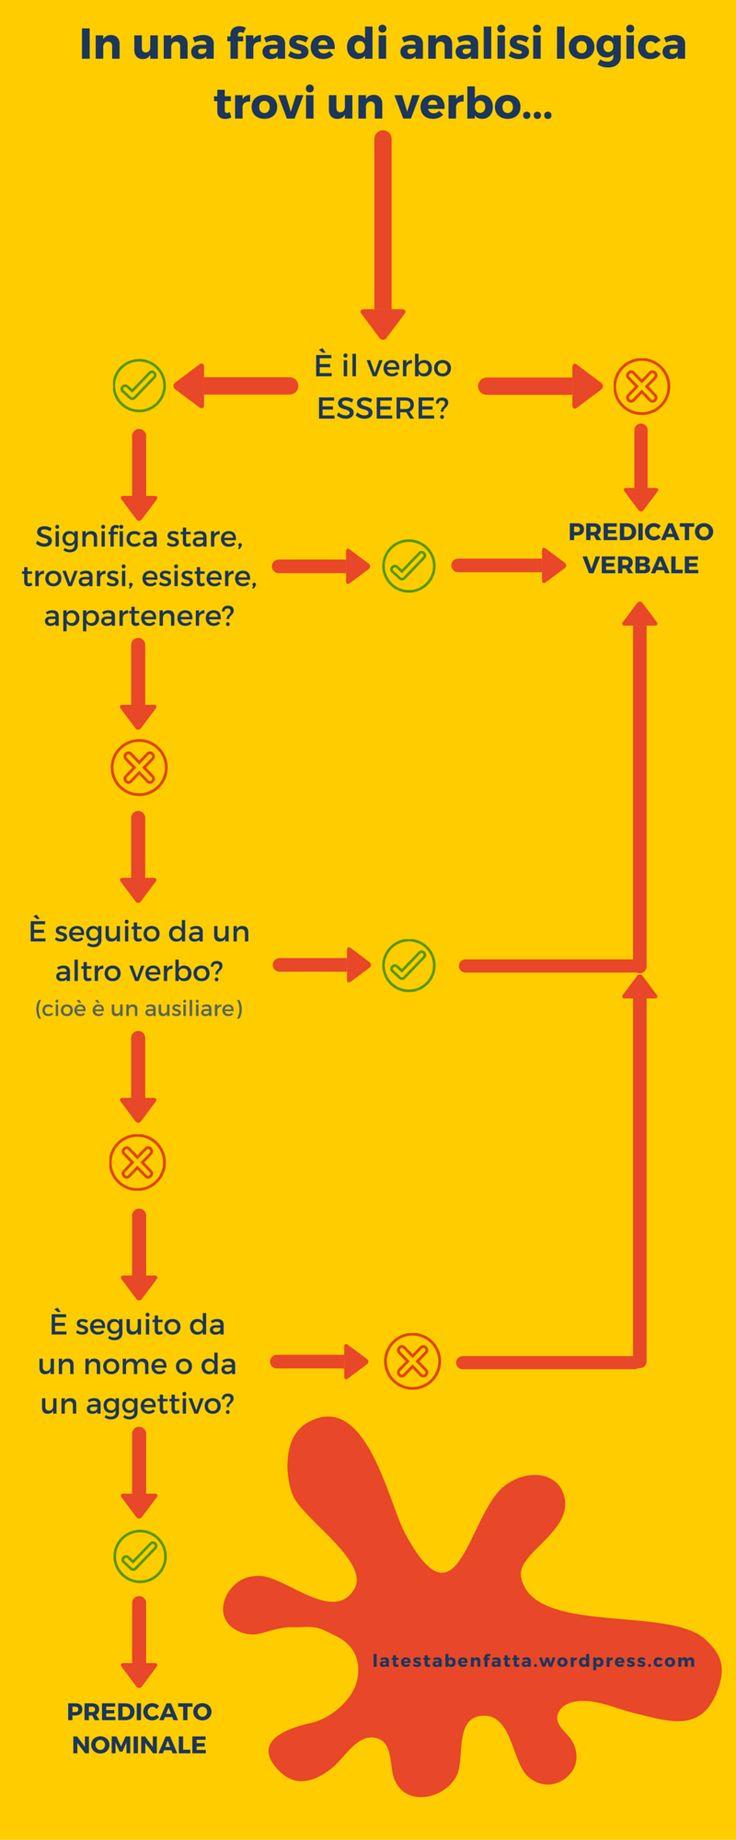 Una semplice infografica per scegliere tra predicato verbale e nominale.